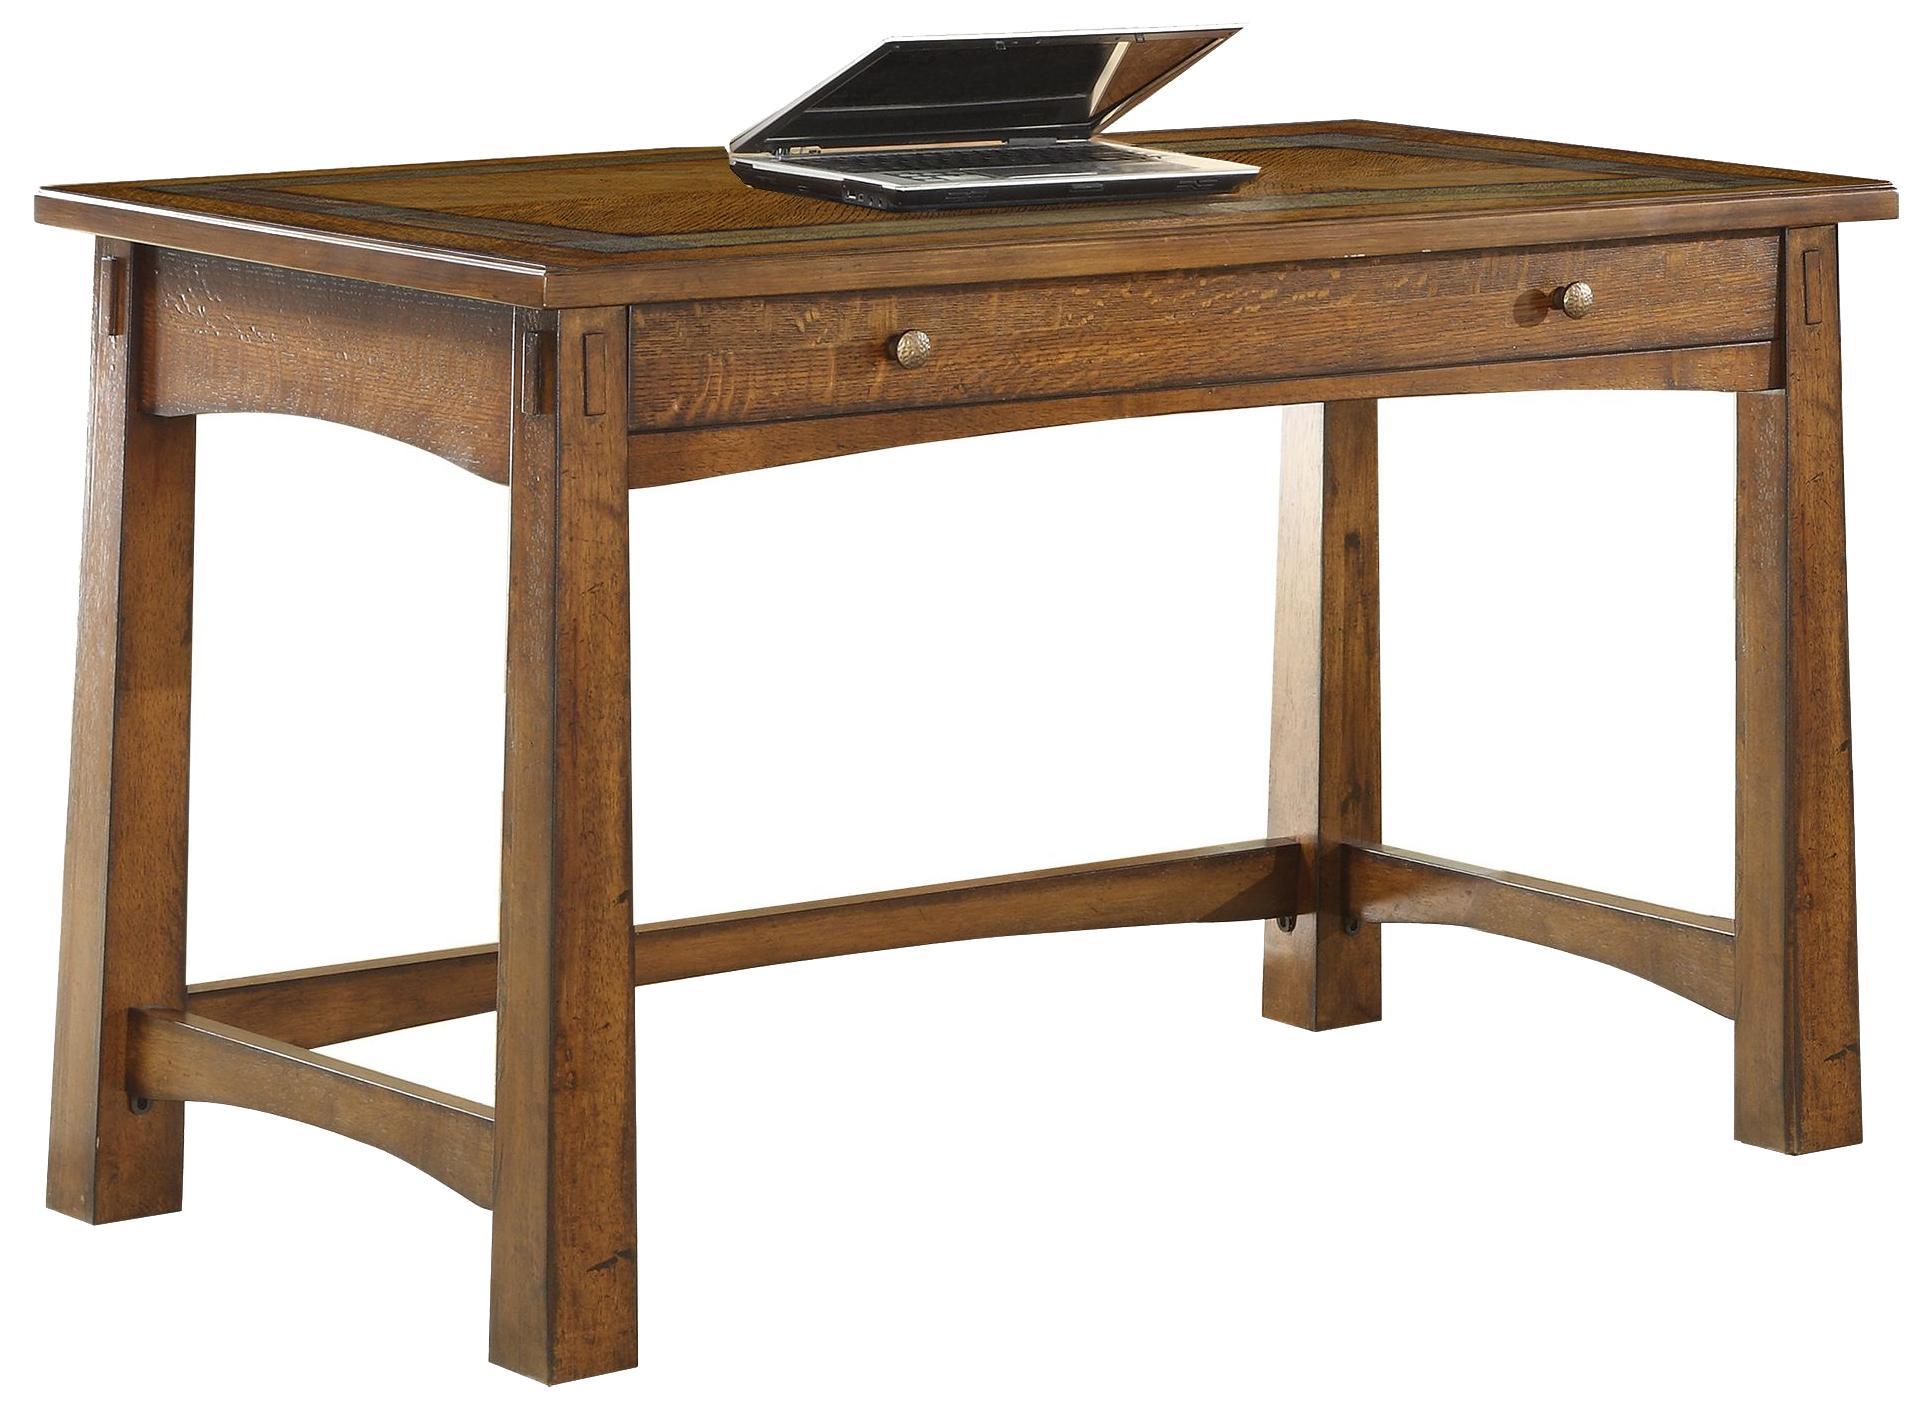 Riverside Furniture Craftsman Home Desk - Item Number: 2927